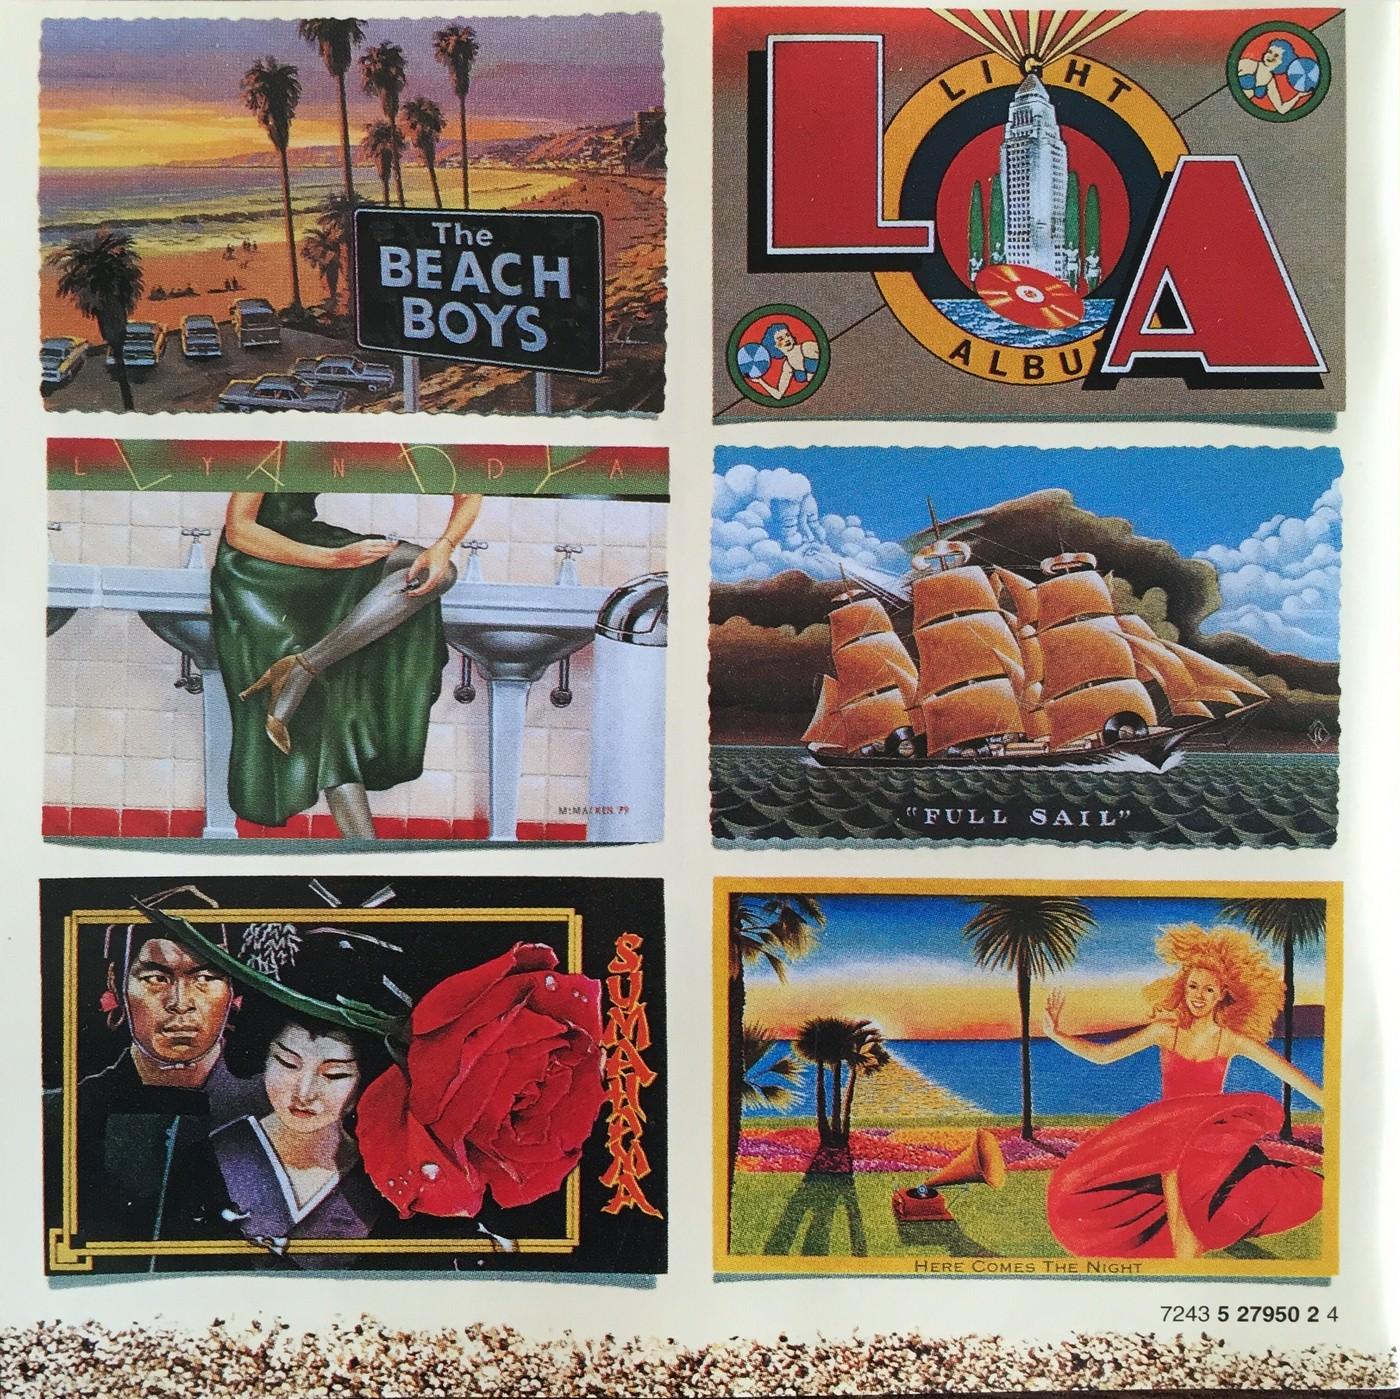 M.I.U. / L.A. Album cover